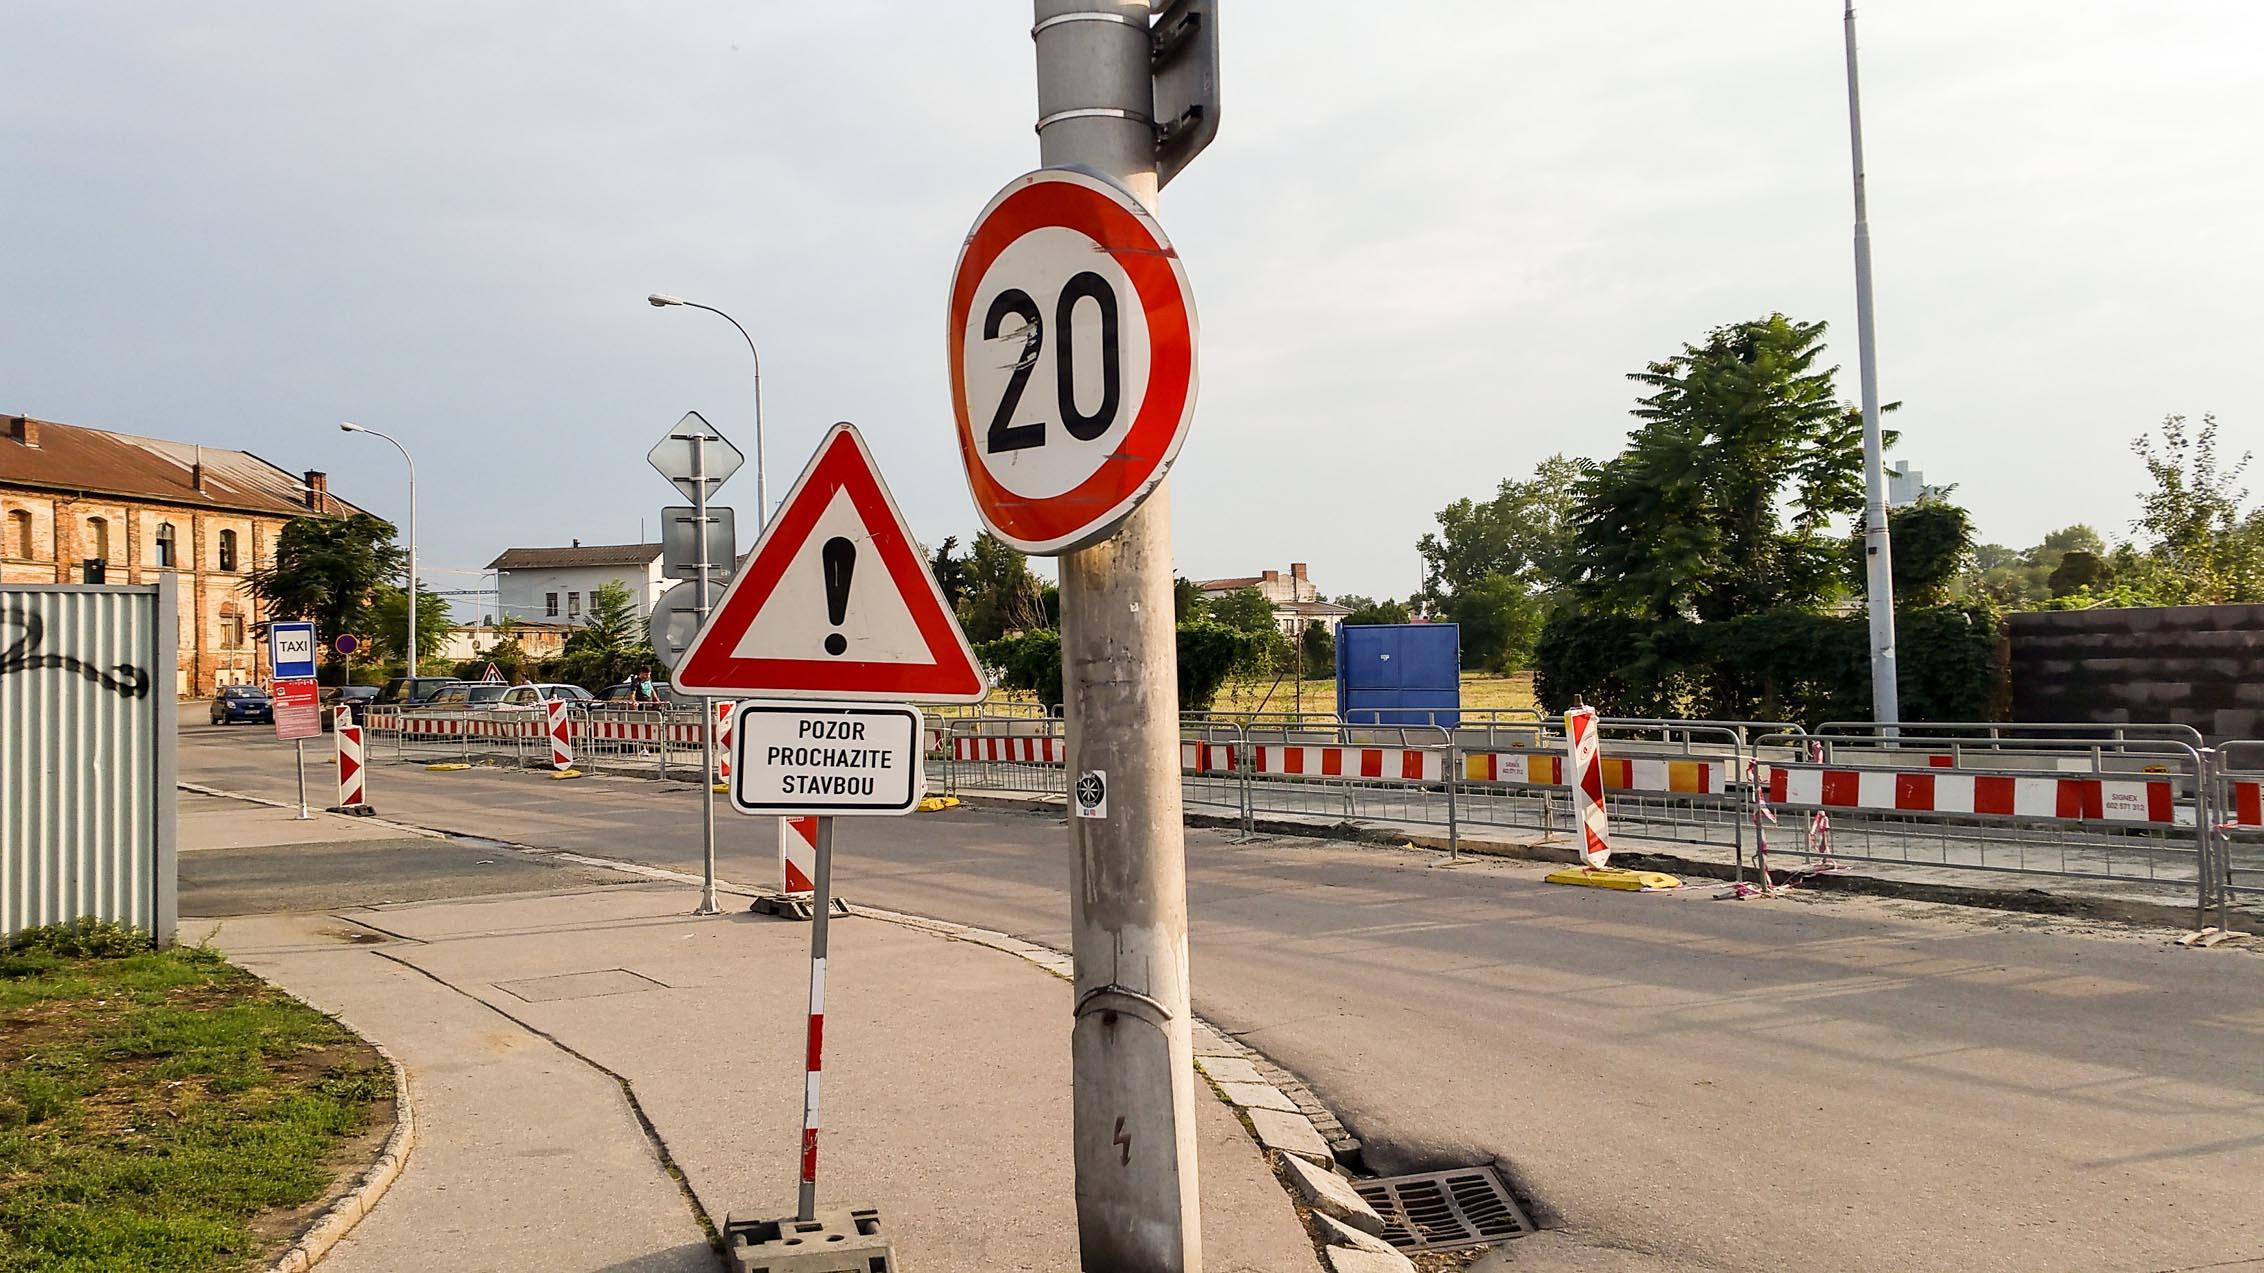 Oprava cesty na Dolní nádraží, podzim 2018